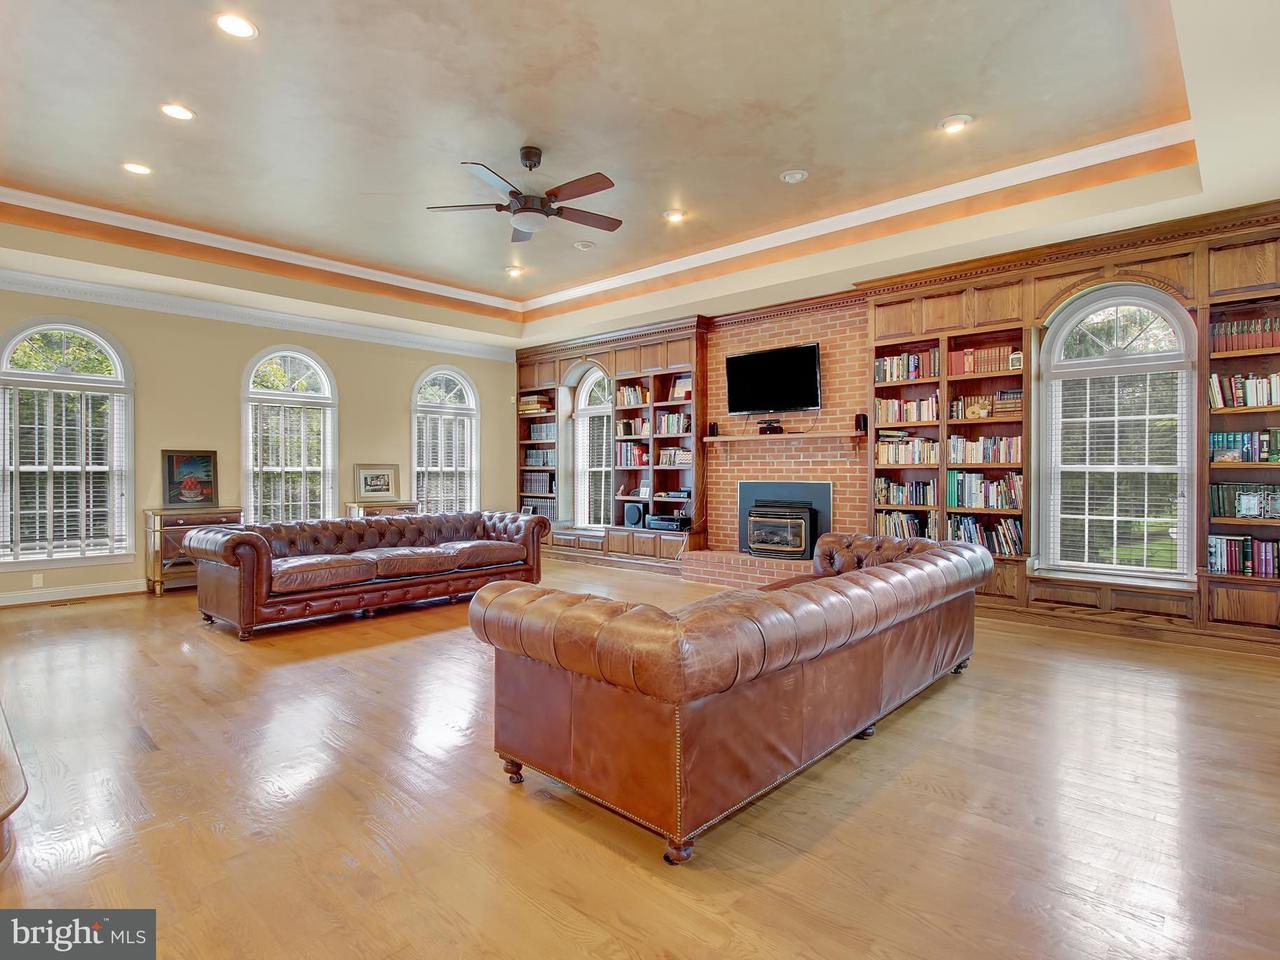 Частный односемейный дом для того Продажа на 1420 Tayside Way 1420 Tayside Way Bel Air, Мэриленд 21015 Соединенные Штаты